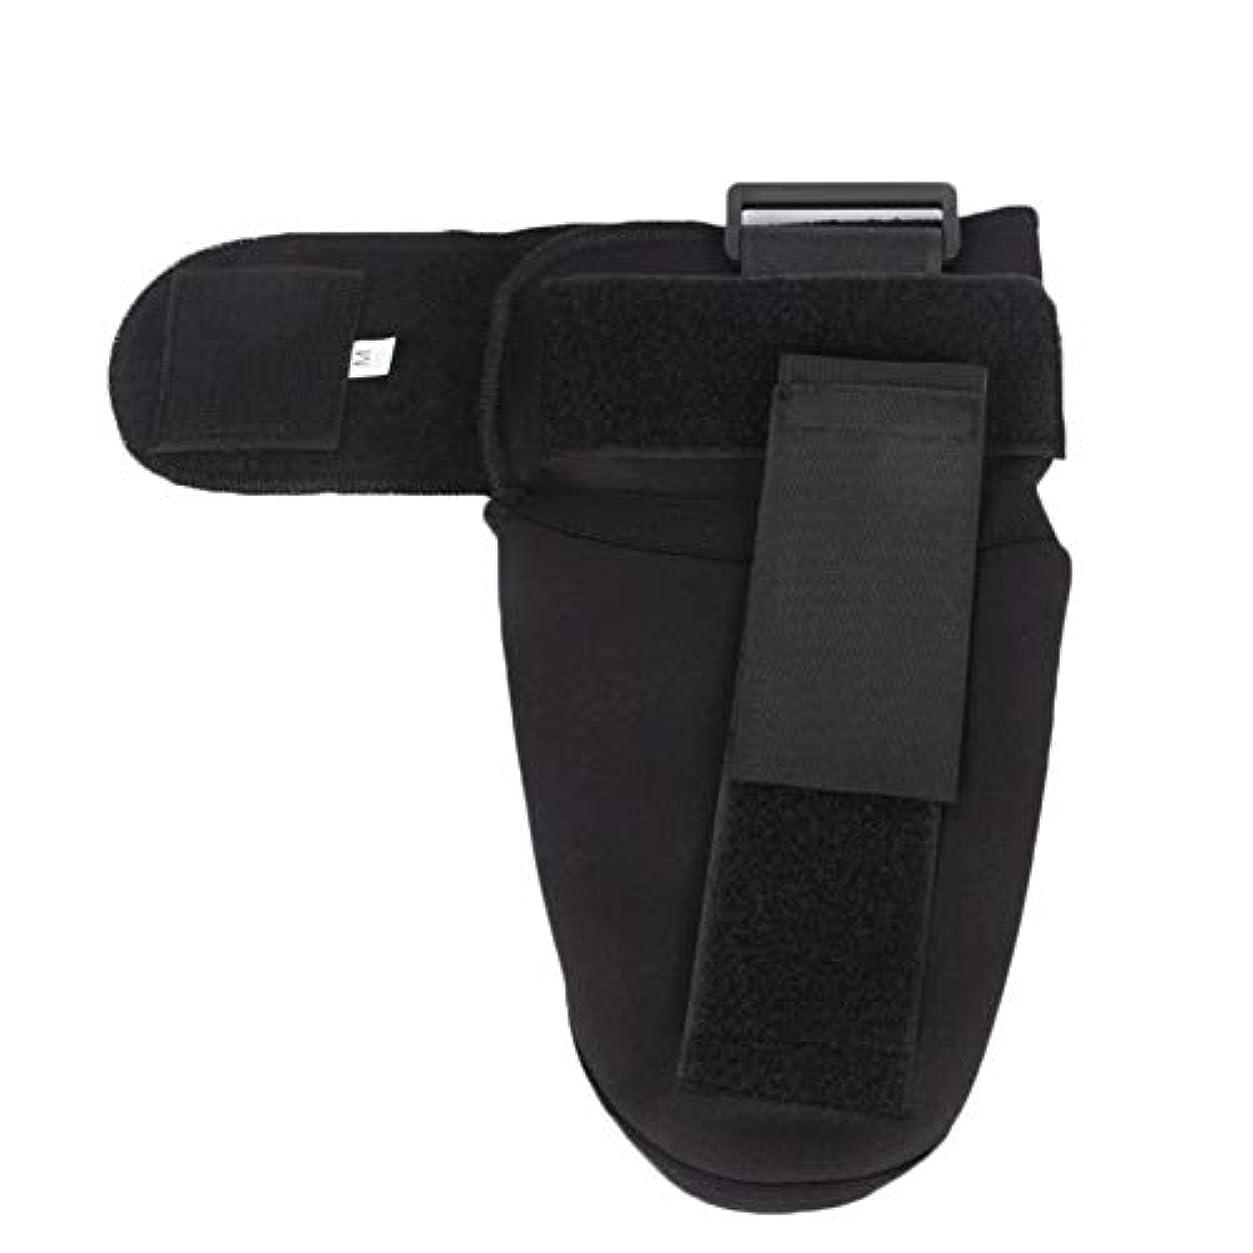 しないでください複雑スロットXlp 足の痛みを軽減するための足底足首サポートベルトソフト通気性フットプロテクター